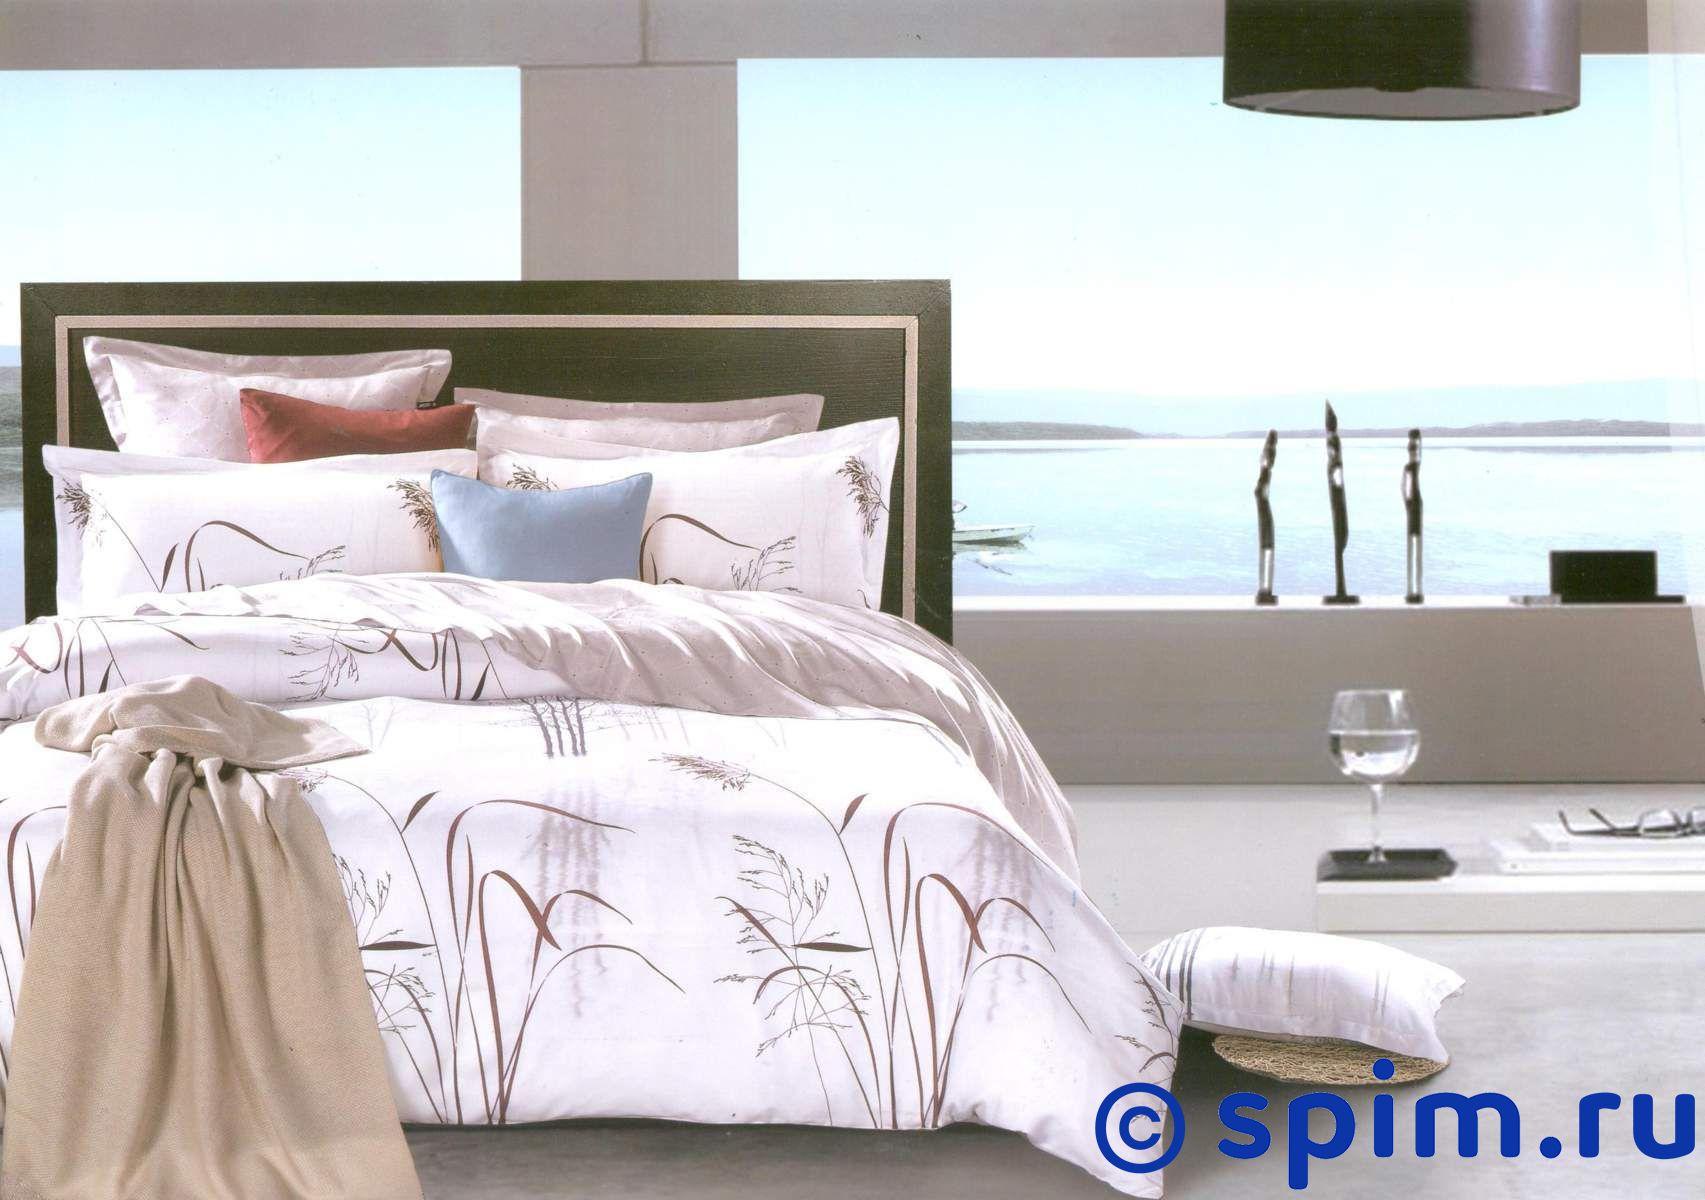 Комплект СайлиД E55 2 спальное